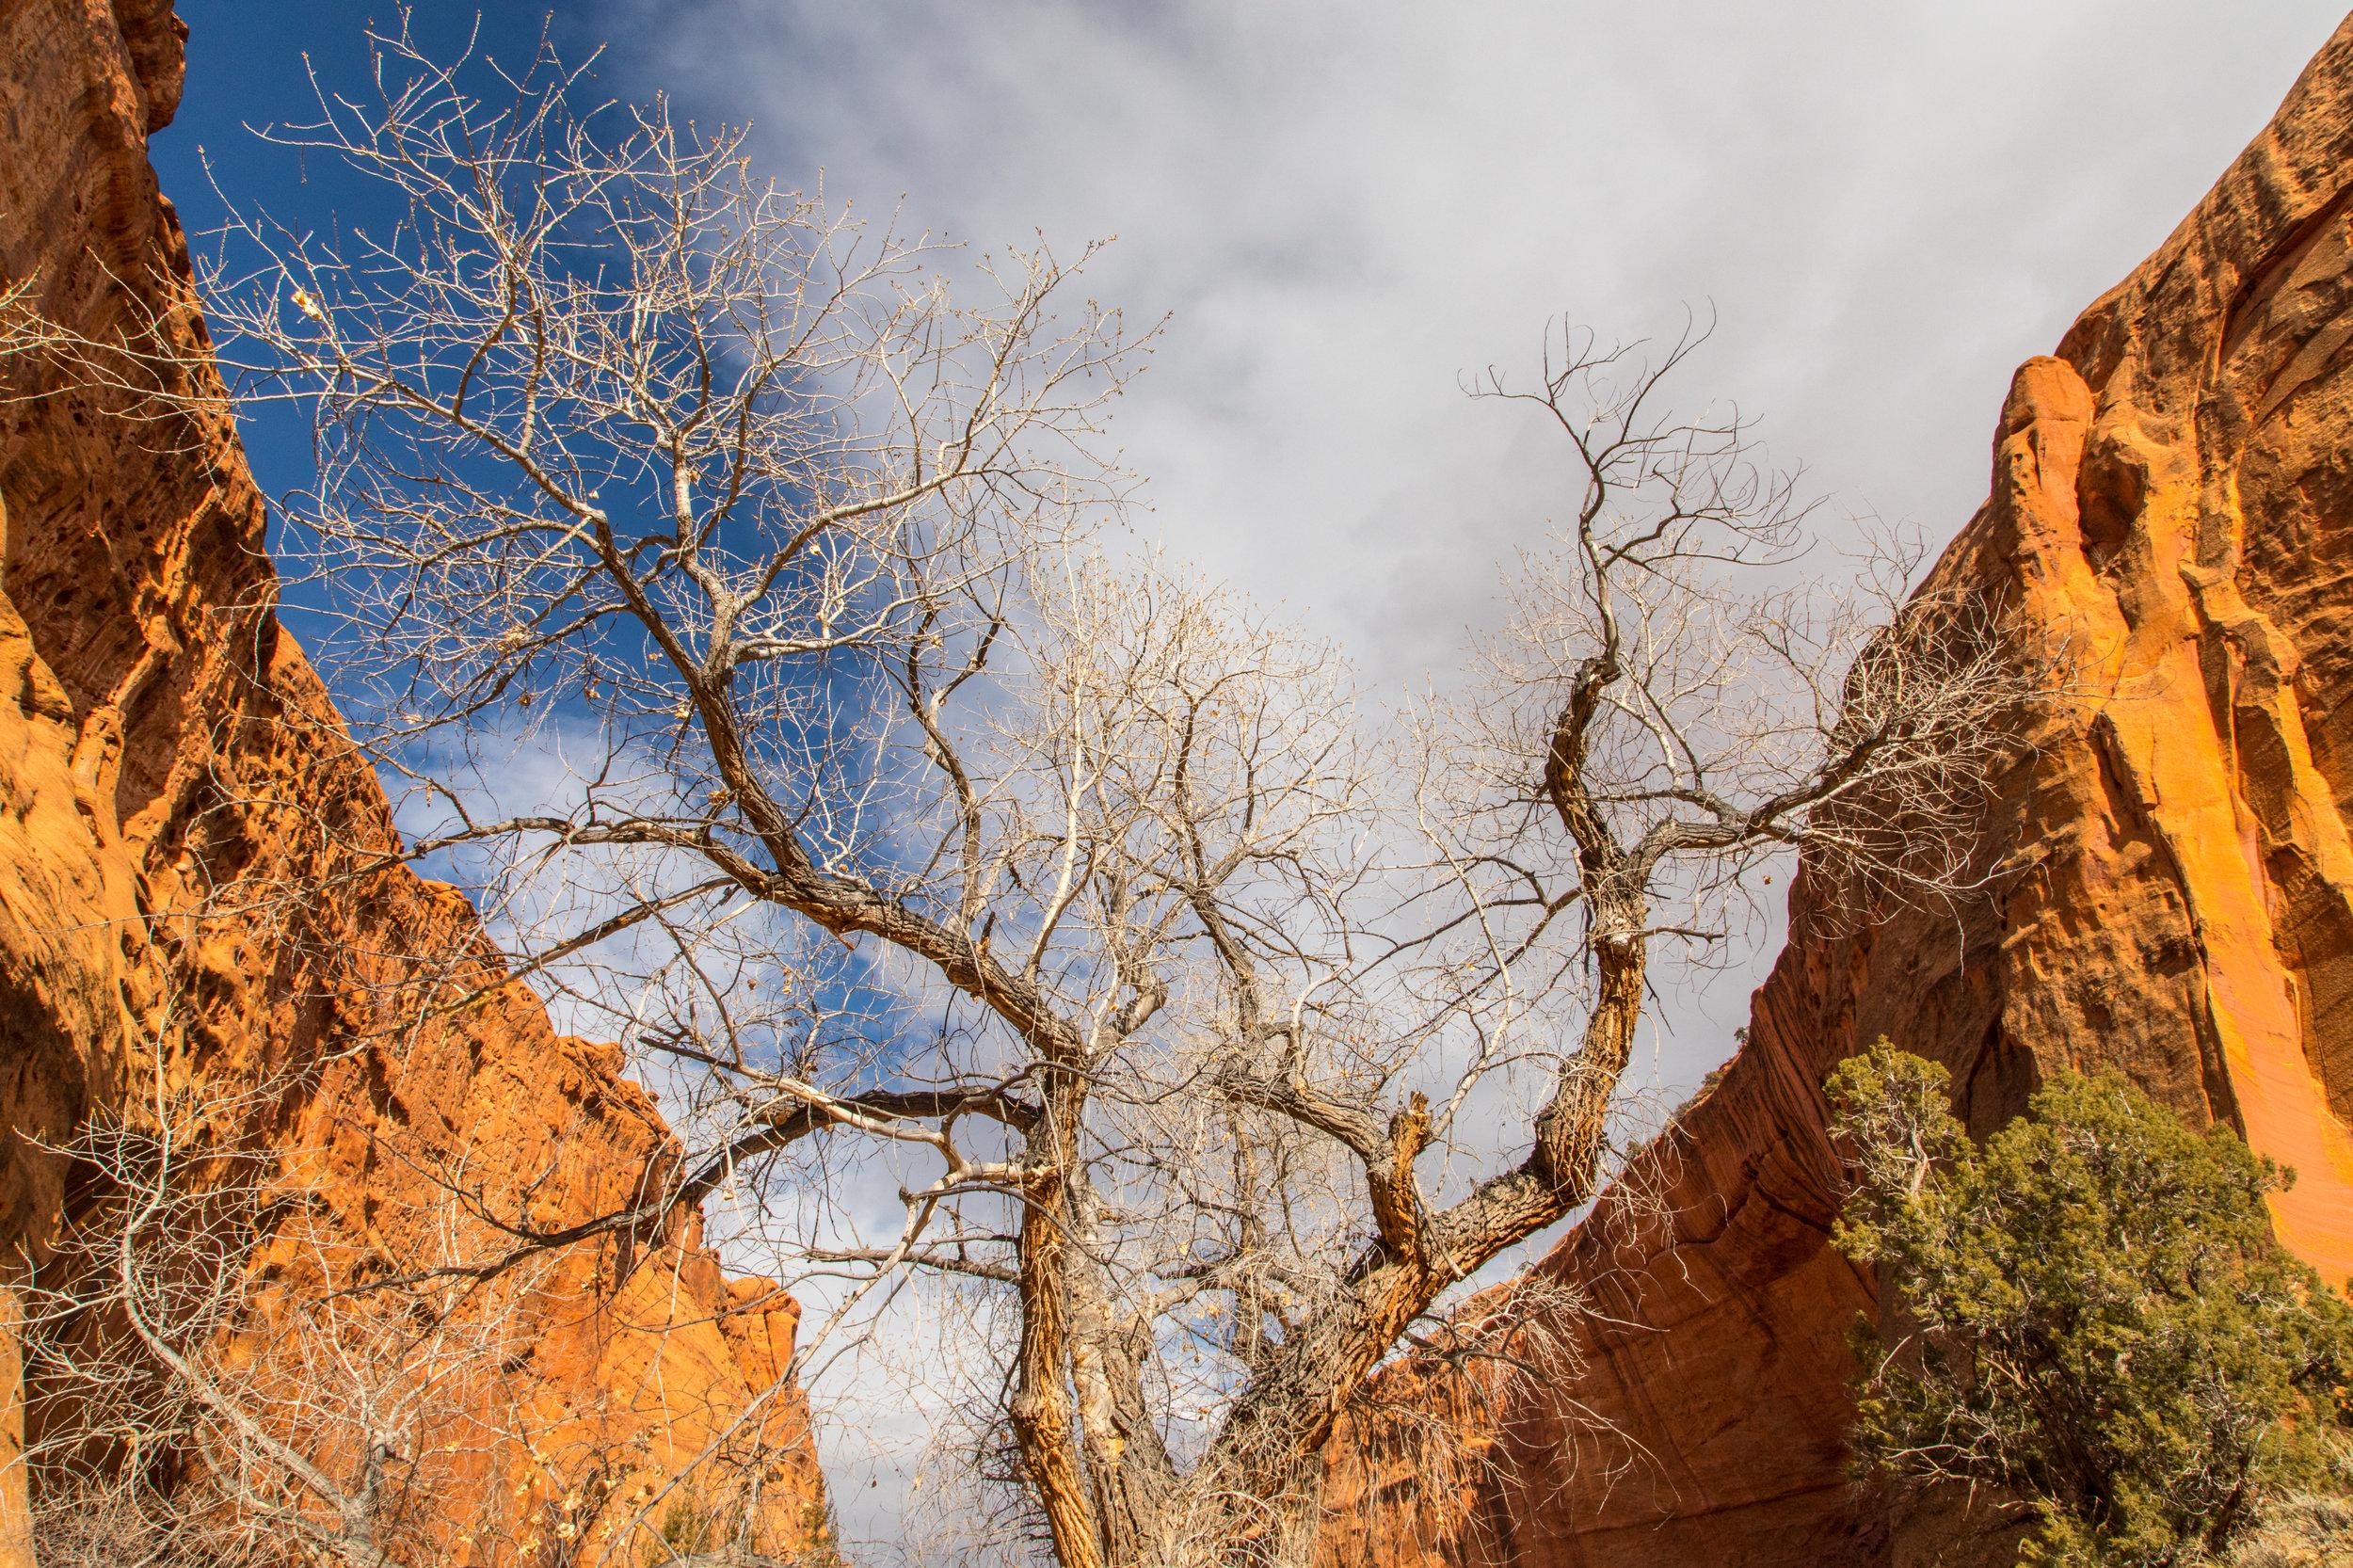 Burr Trail, Image # 4105